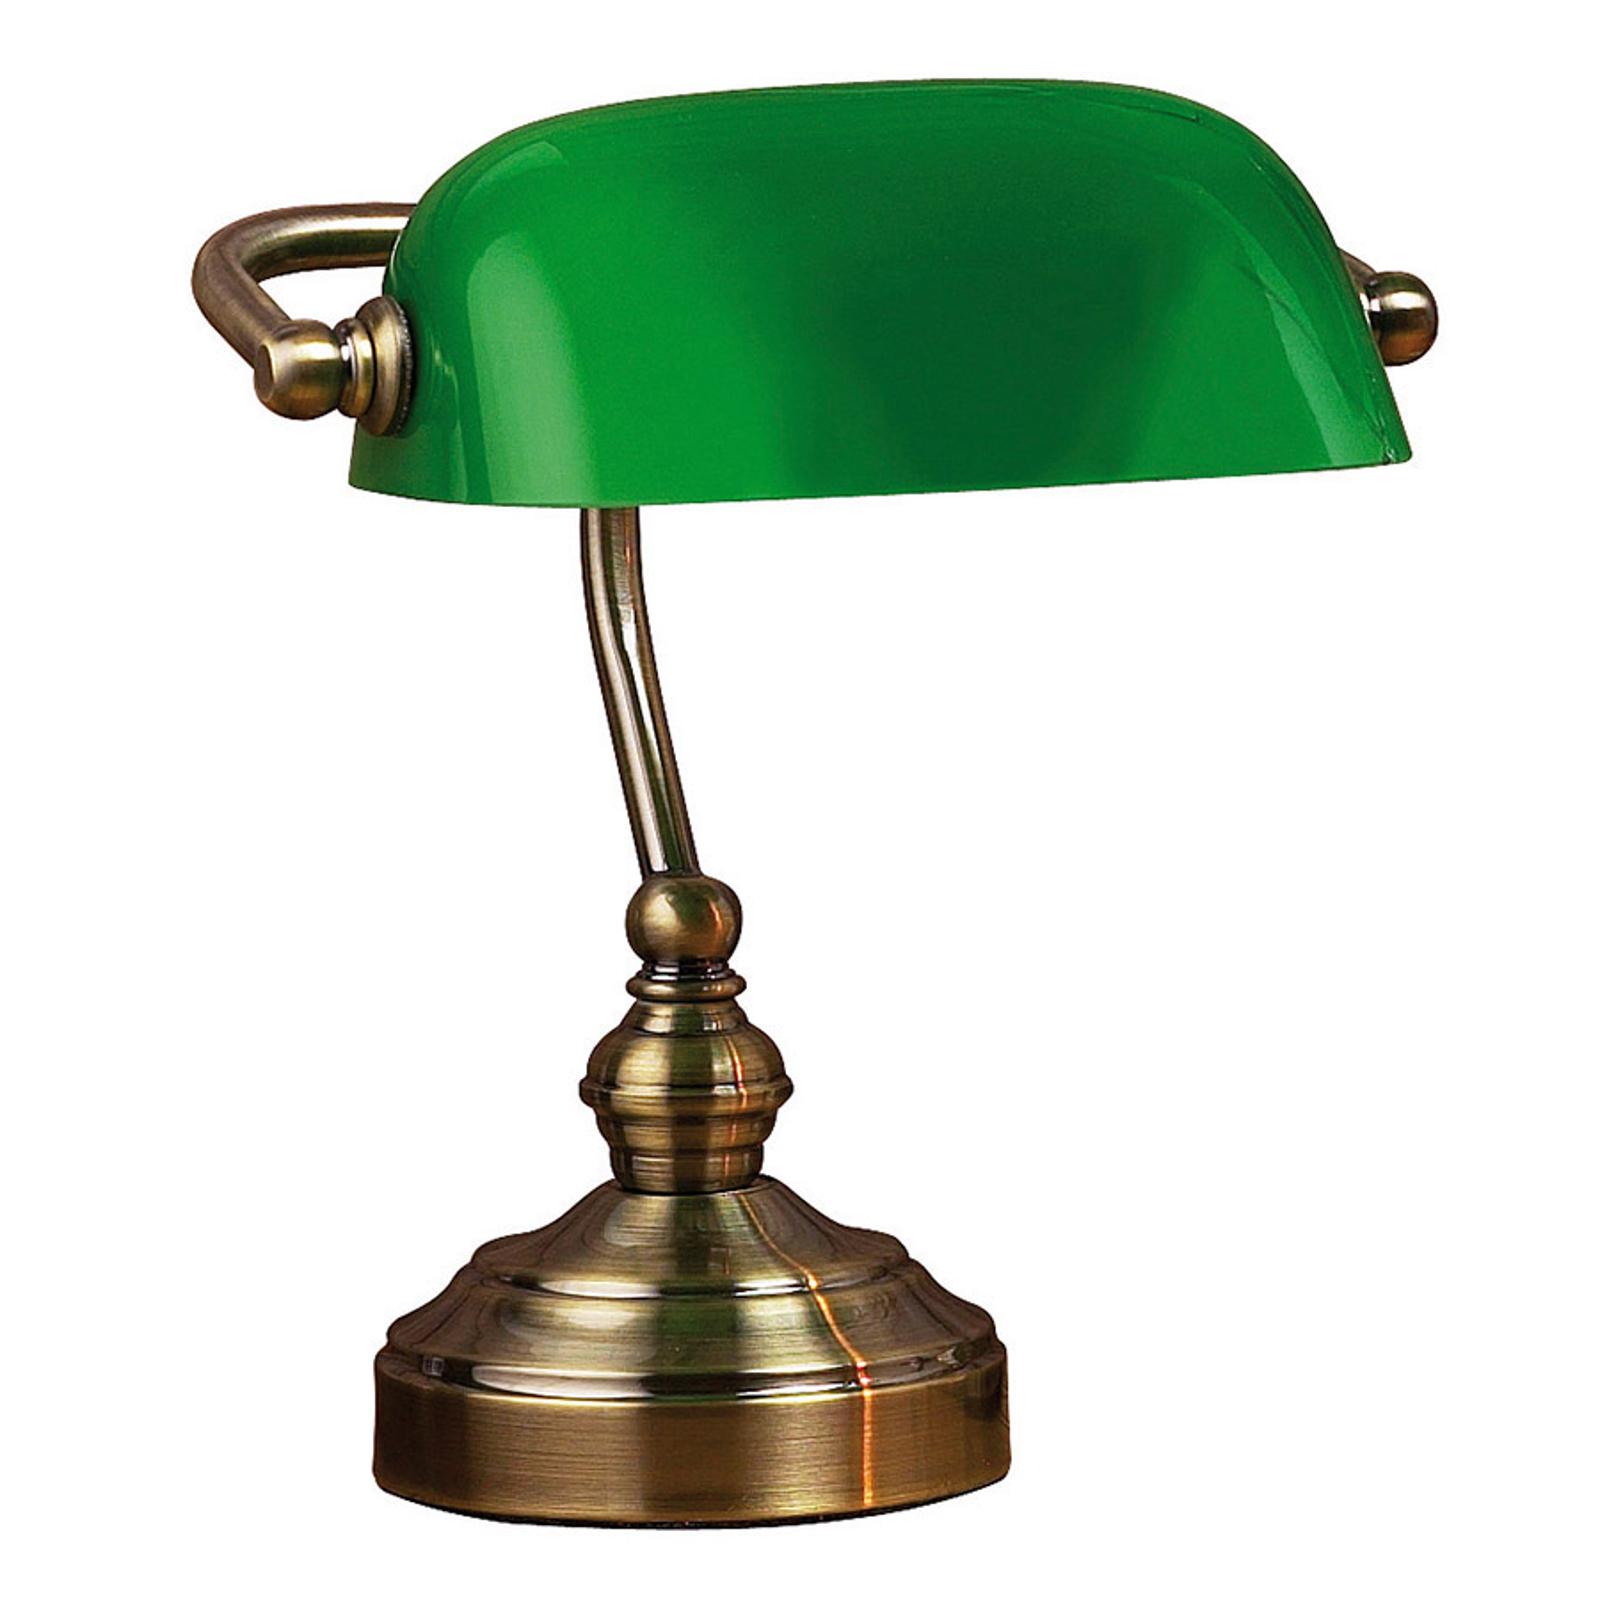 Tafellamp Bankers, hoogte 25 cm groen